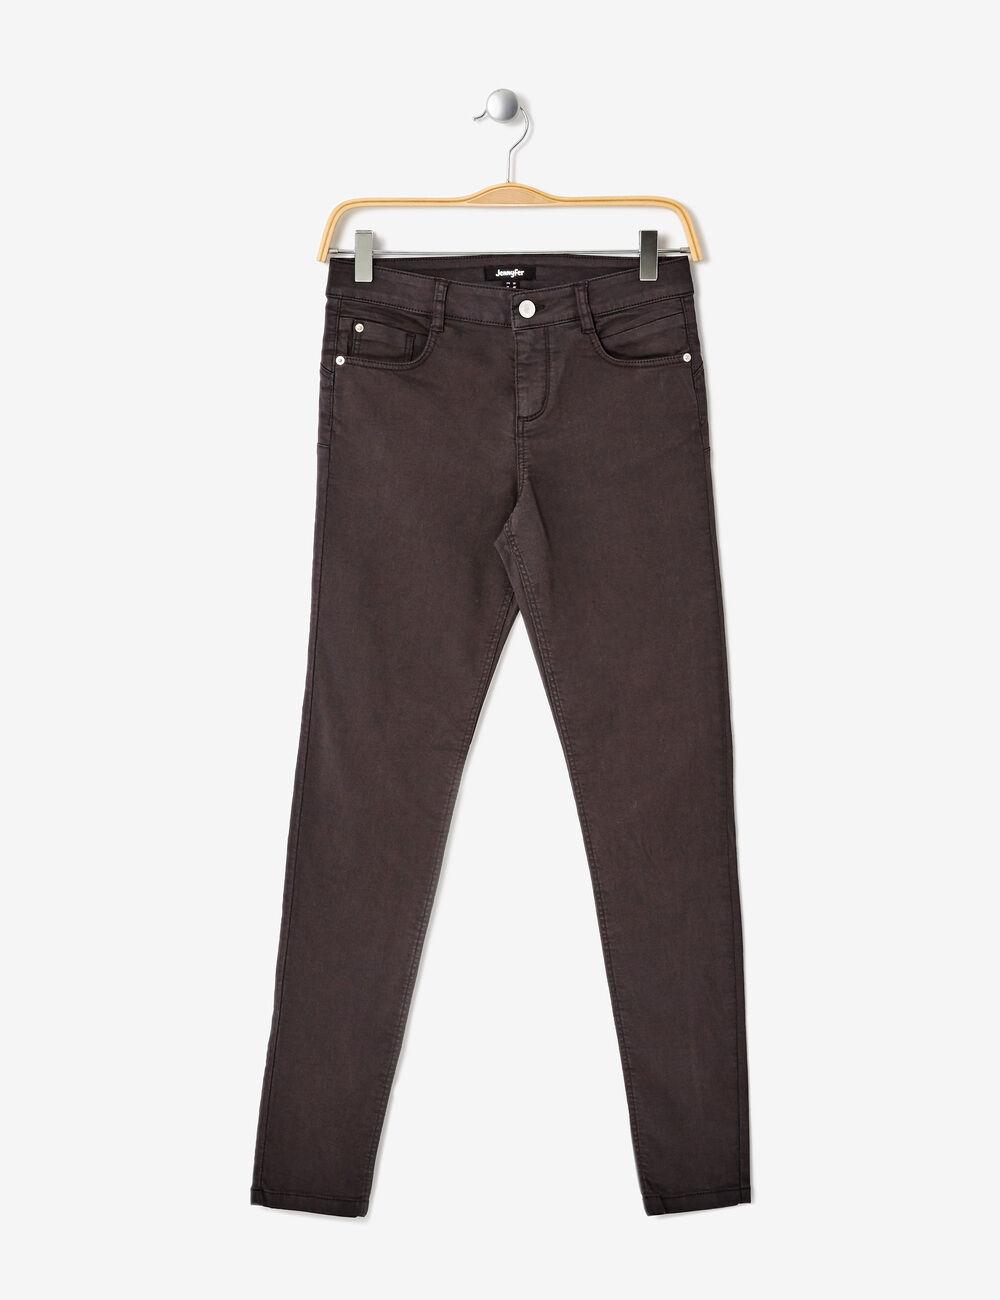 pantalon skinny push up gris anthracite femme jennyfer. Black Bedroom Furniture Sets. Home Design Ideas